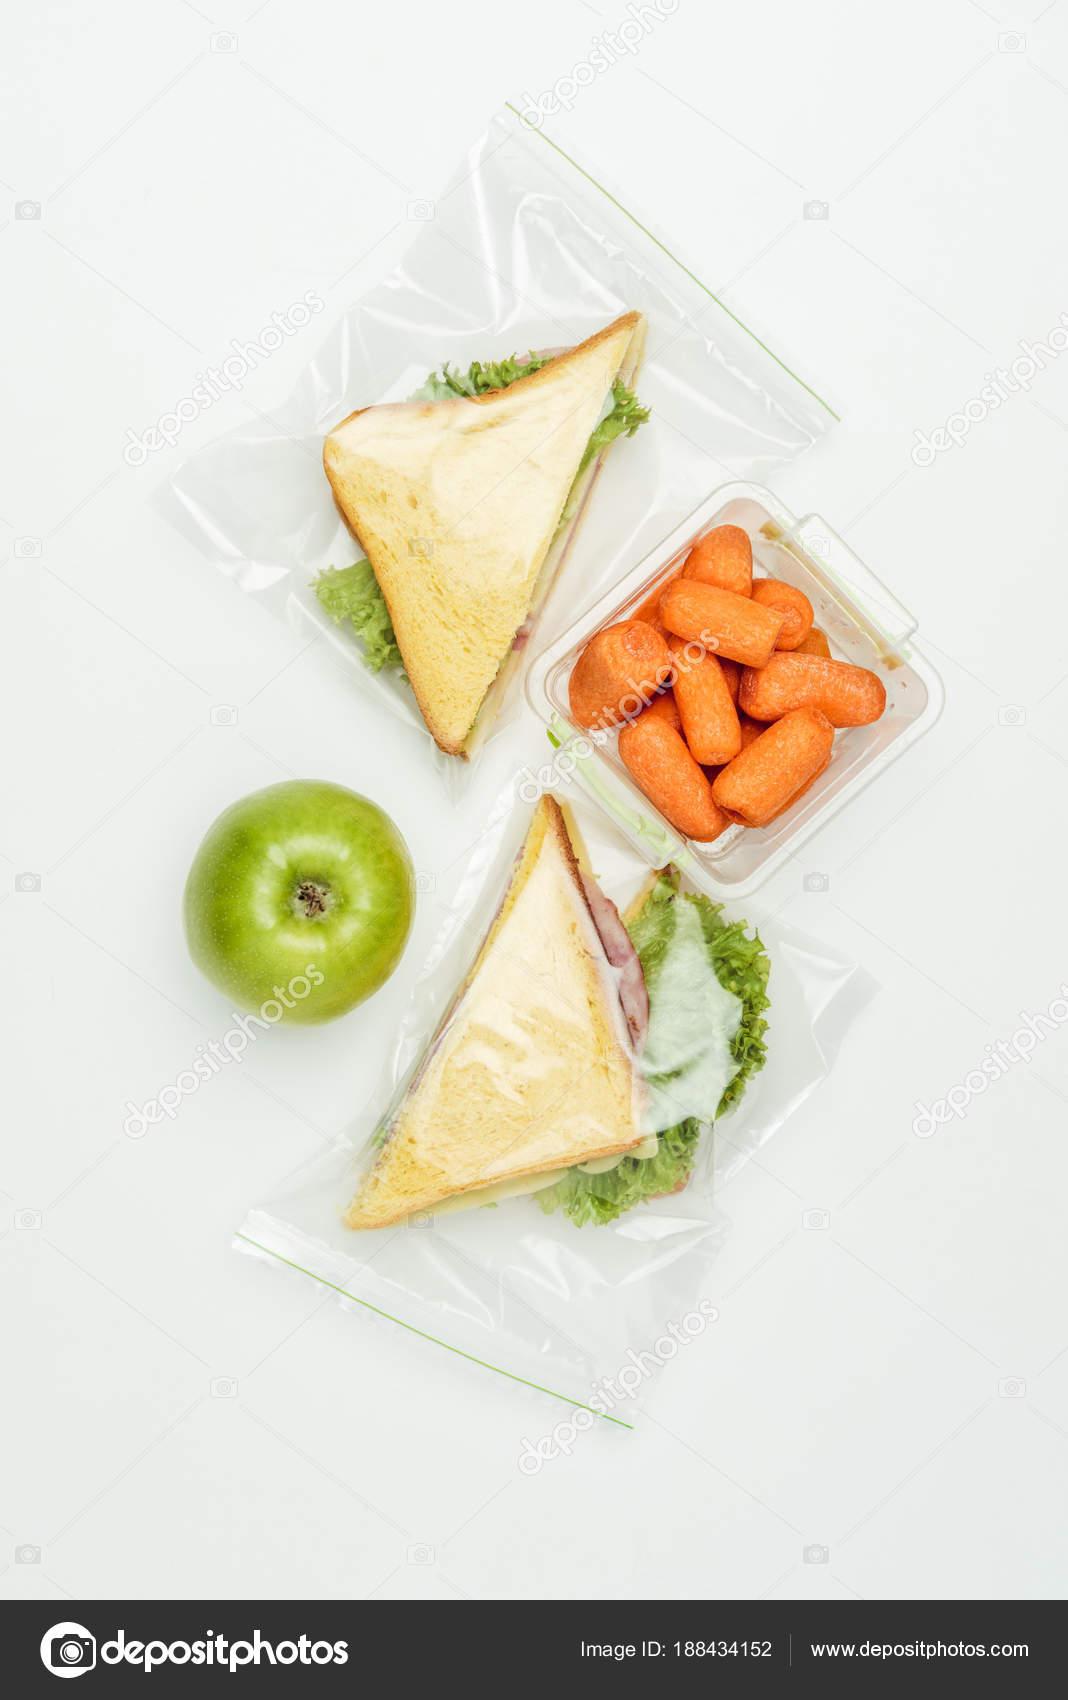 31ed3824e Vista superior de sandwiches en bolsas Ziploc y zanahorias en lonchera  aislado en blanco — Foto de ...